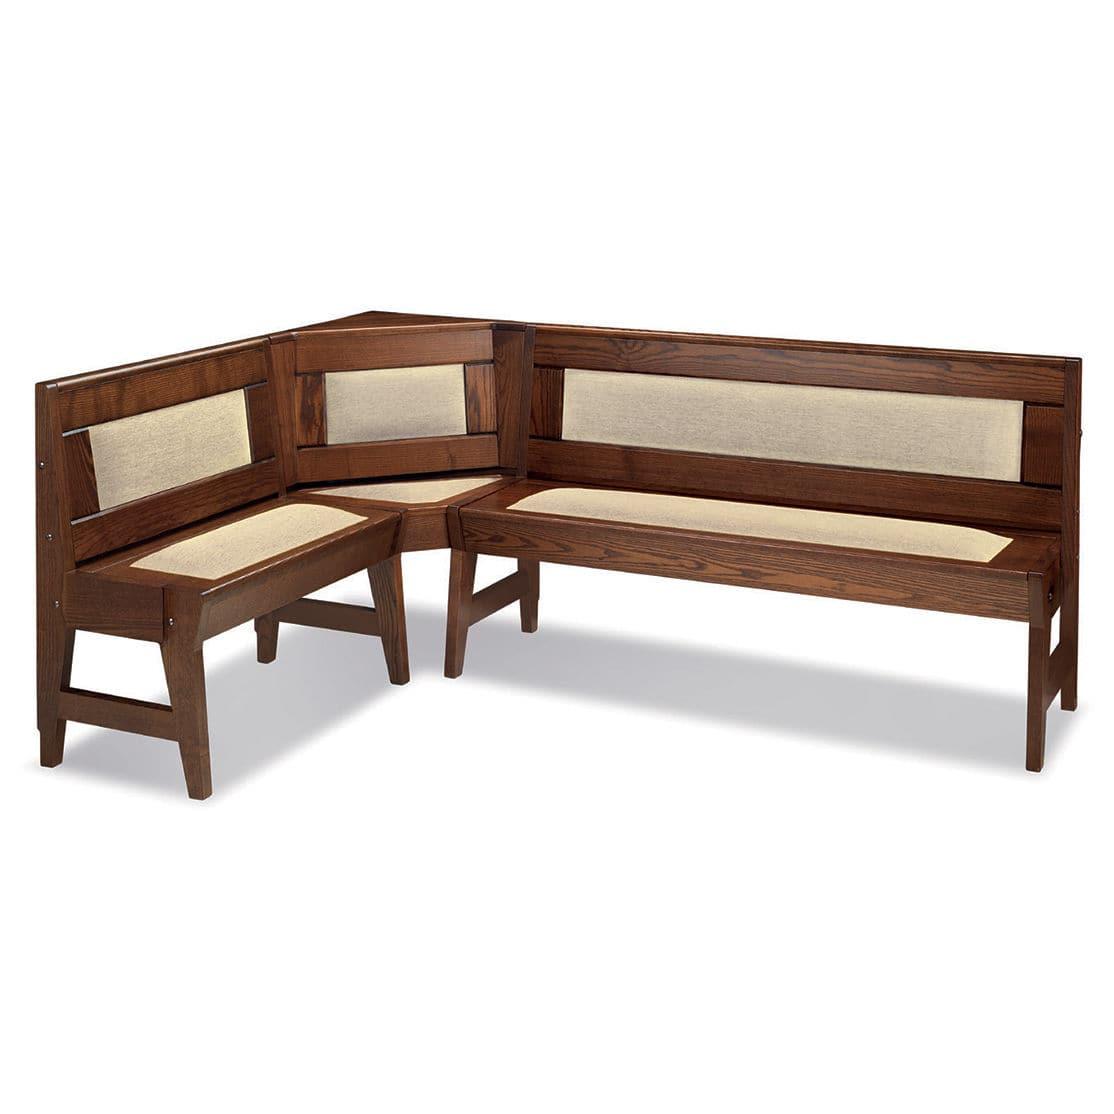 Moderne Bank / Holz / mit Rückenlehne - CAMBRIA - CUCINE LUBE